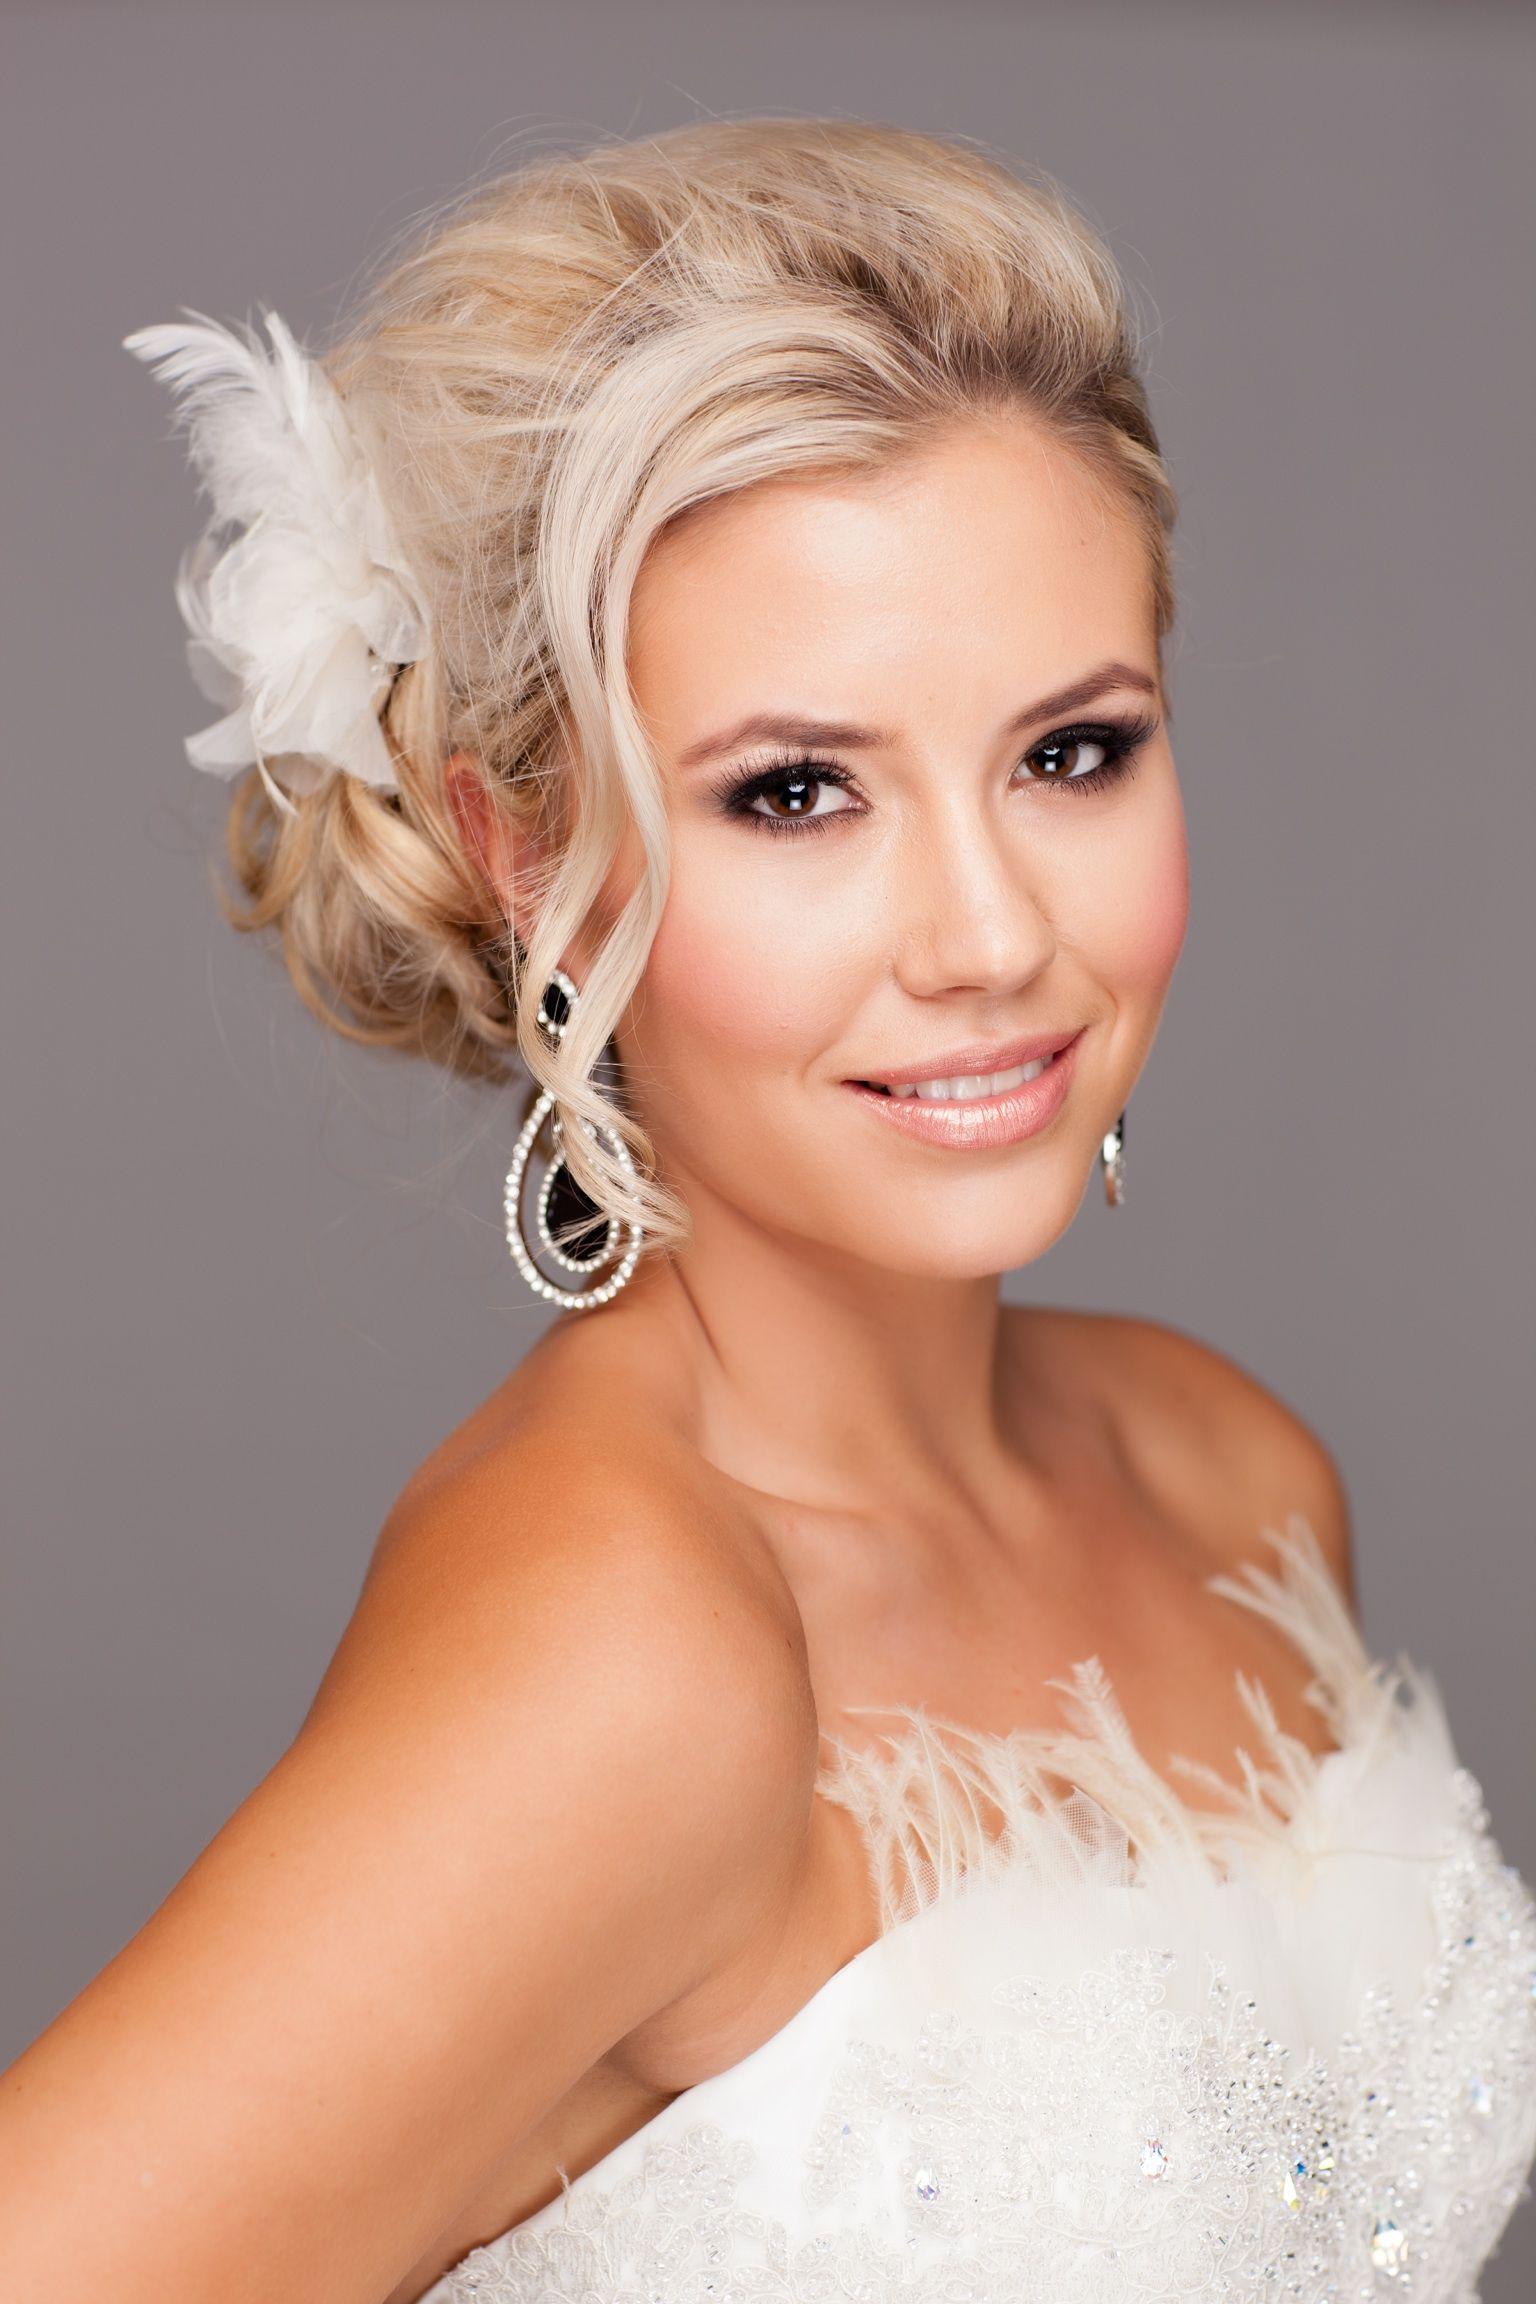 Smokey eye bridal makeup by Glamour Dollz Makeup Artistry